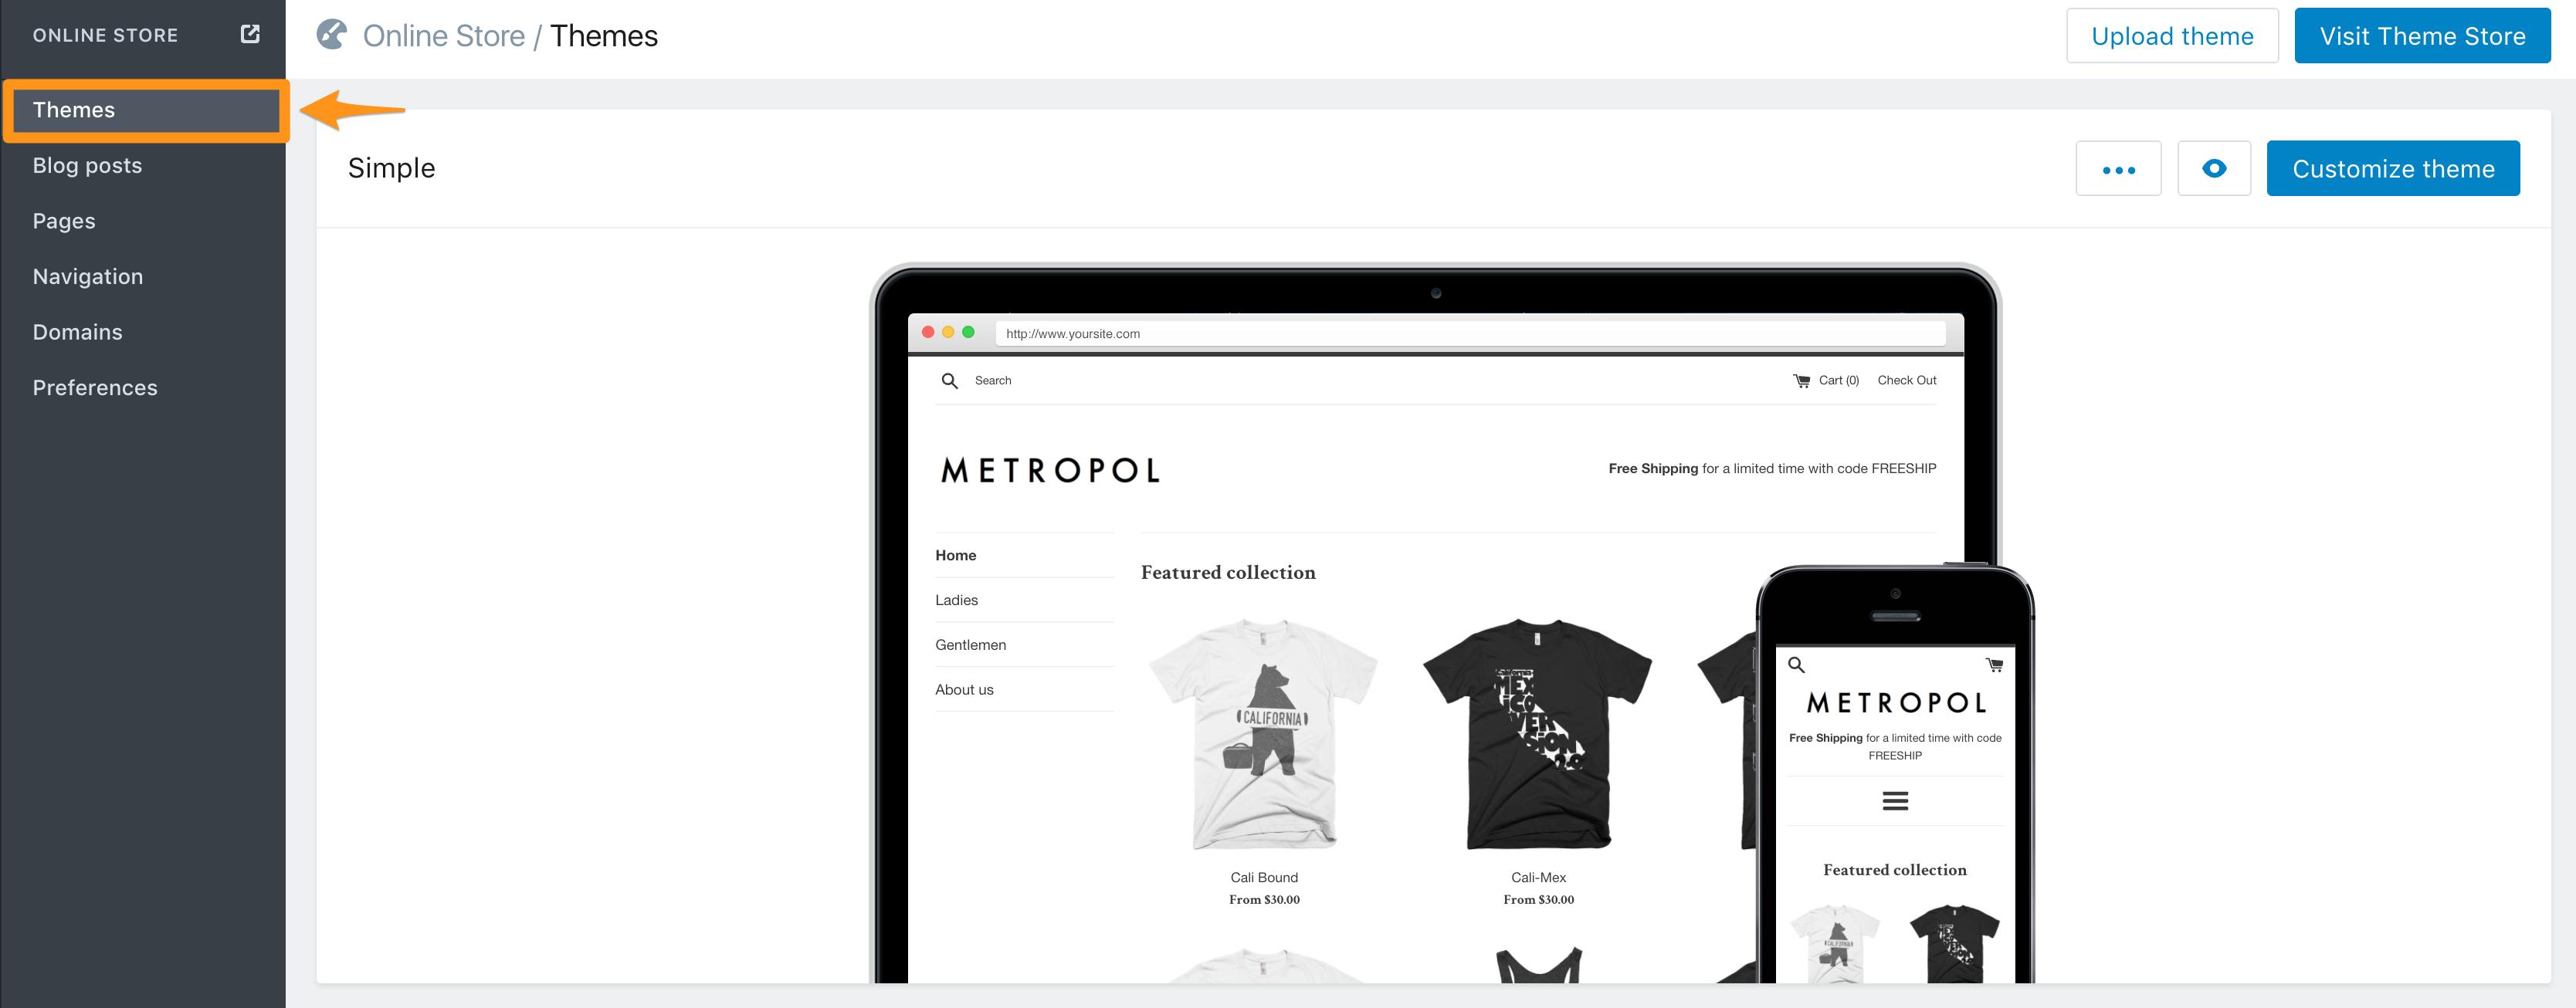 Metropol___Themes___Shopify_1.png